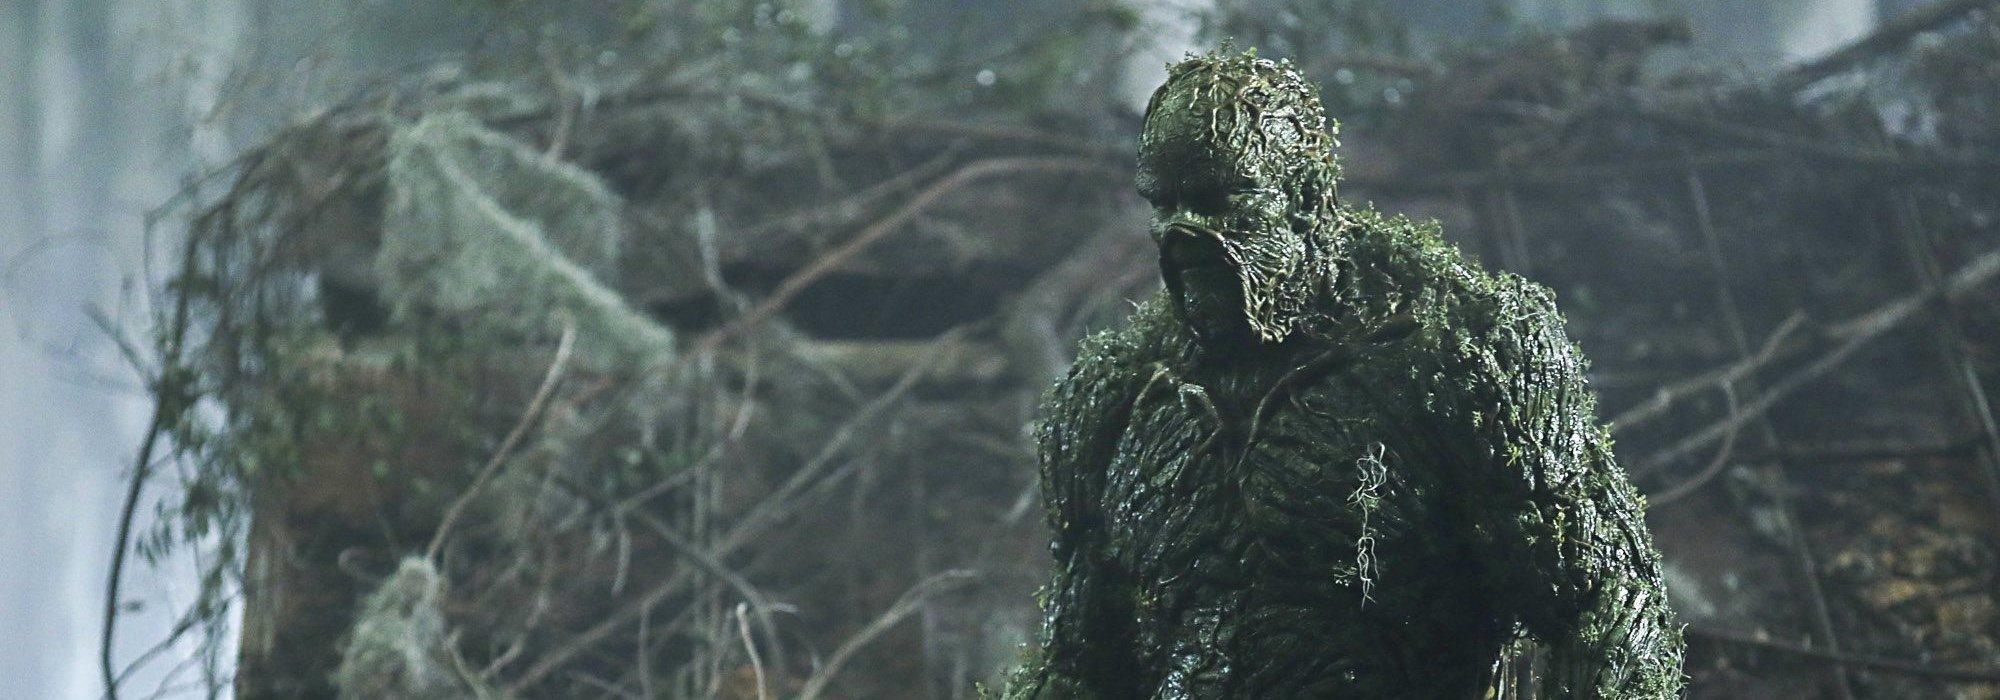 The CW anuncia estreno de Swamp Thing con póster nuevo